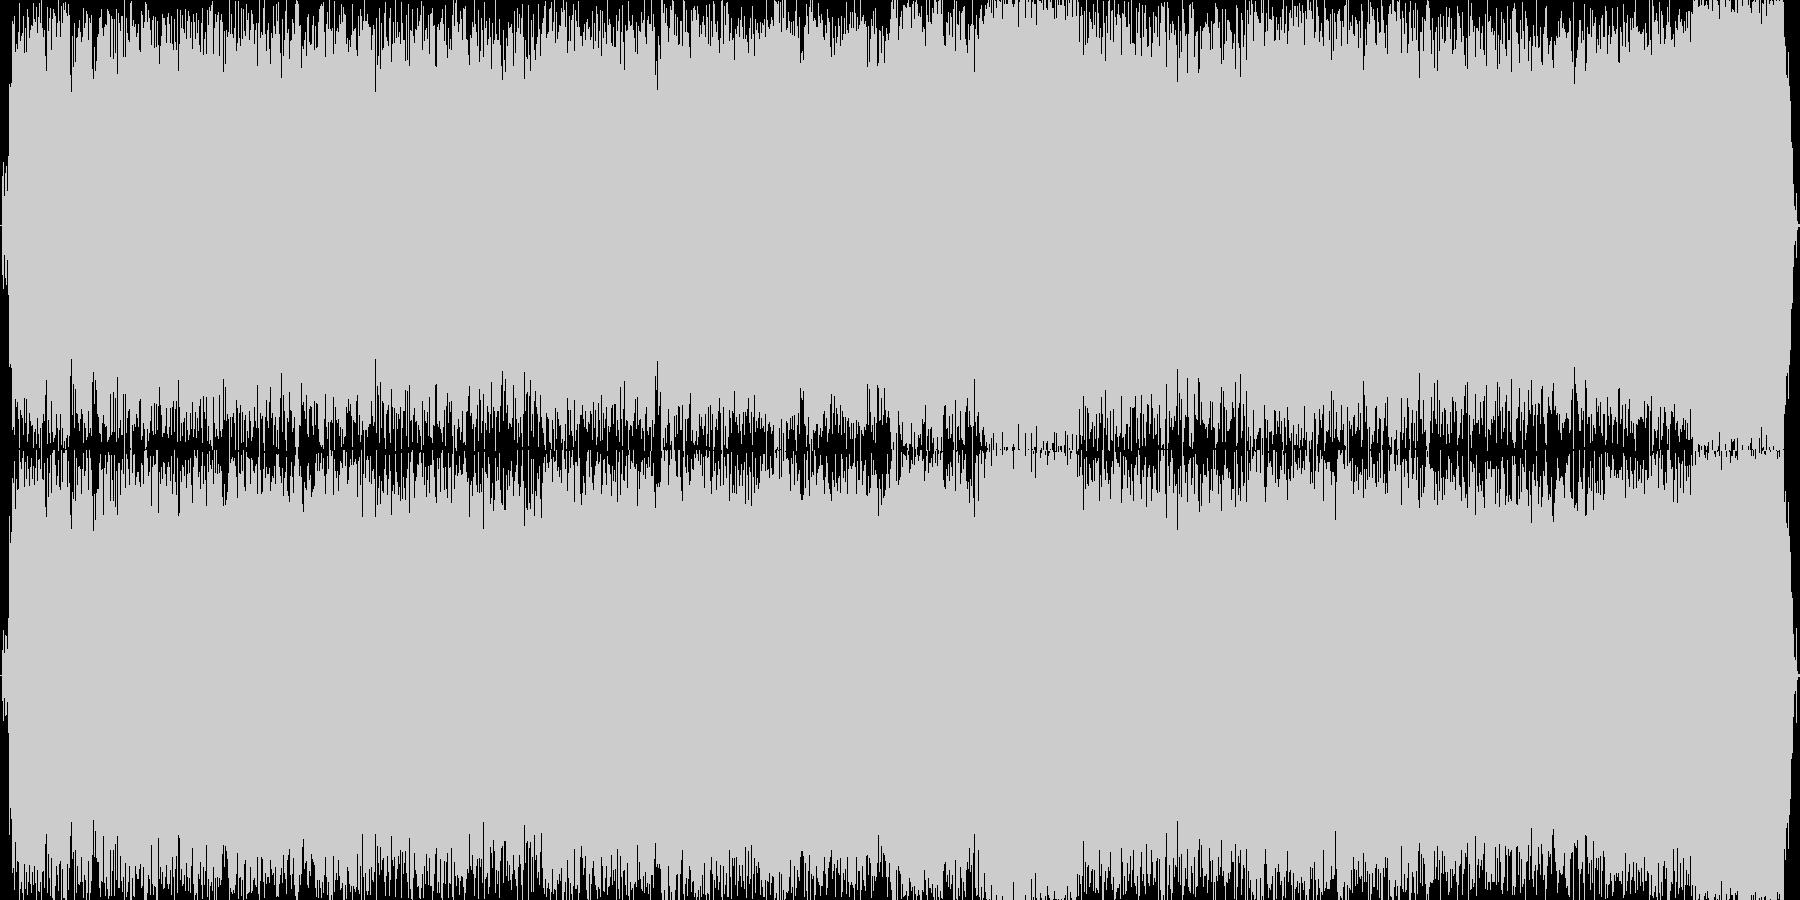 情熱的なギターソロのあるハードロックの未再生の波形